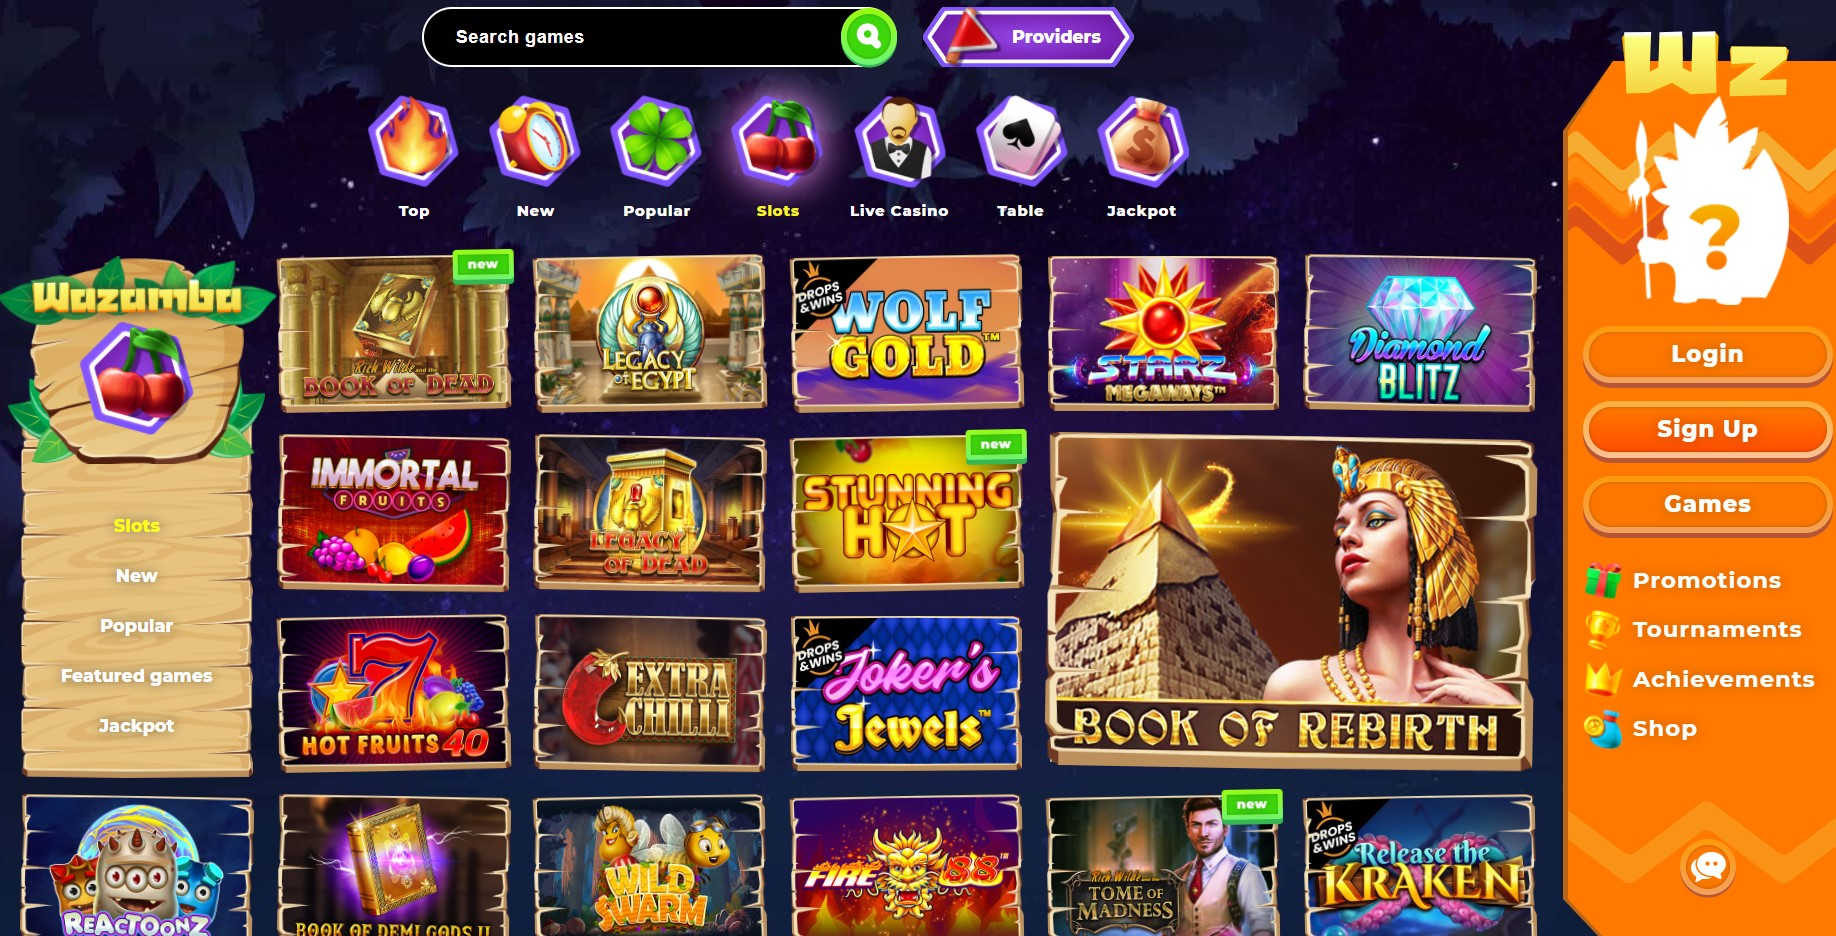 Wazamba Casino games